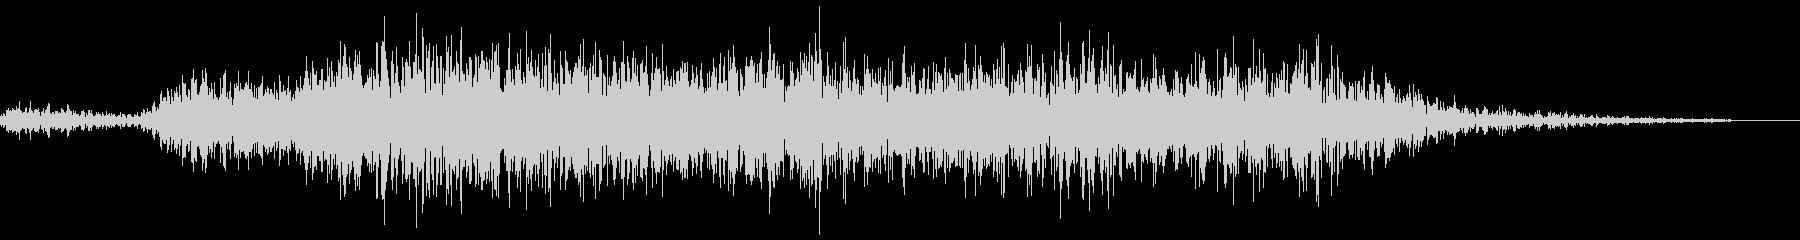 シュー(スプレーを吹く音)の未再生の波形